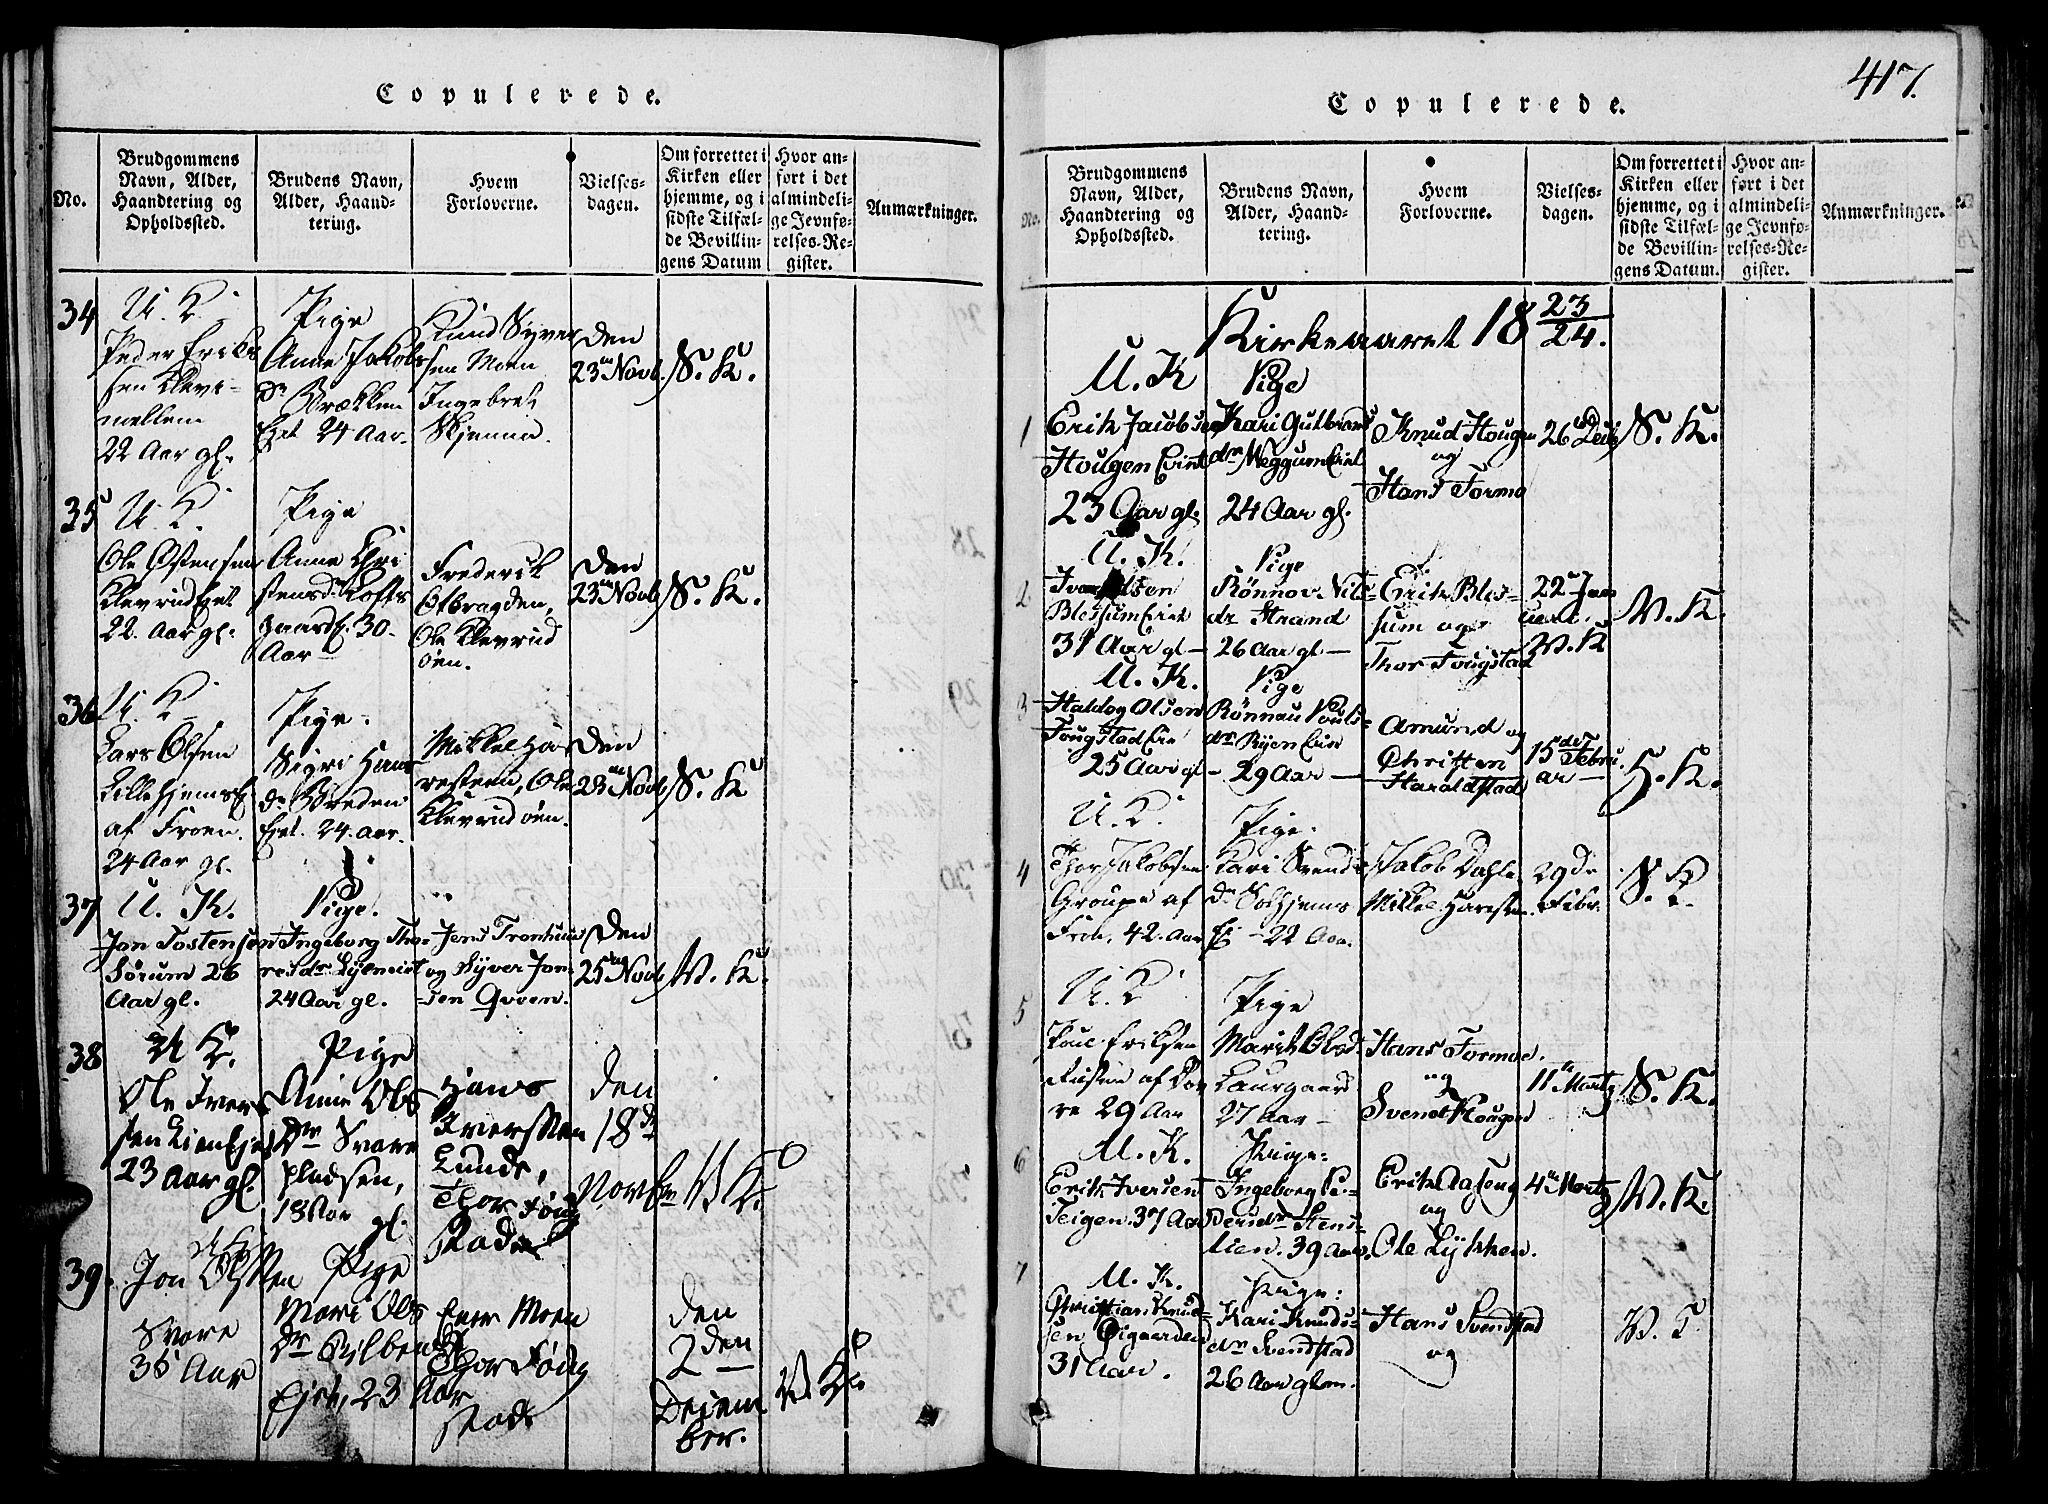 SAH, Vågå prestekontor, Klokkerbok nr. 1, 1815-1827, s. 416-417